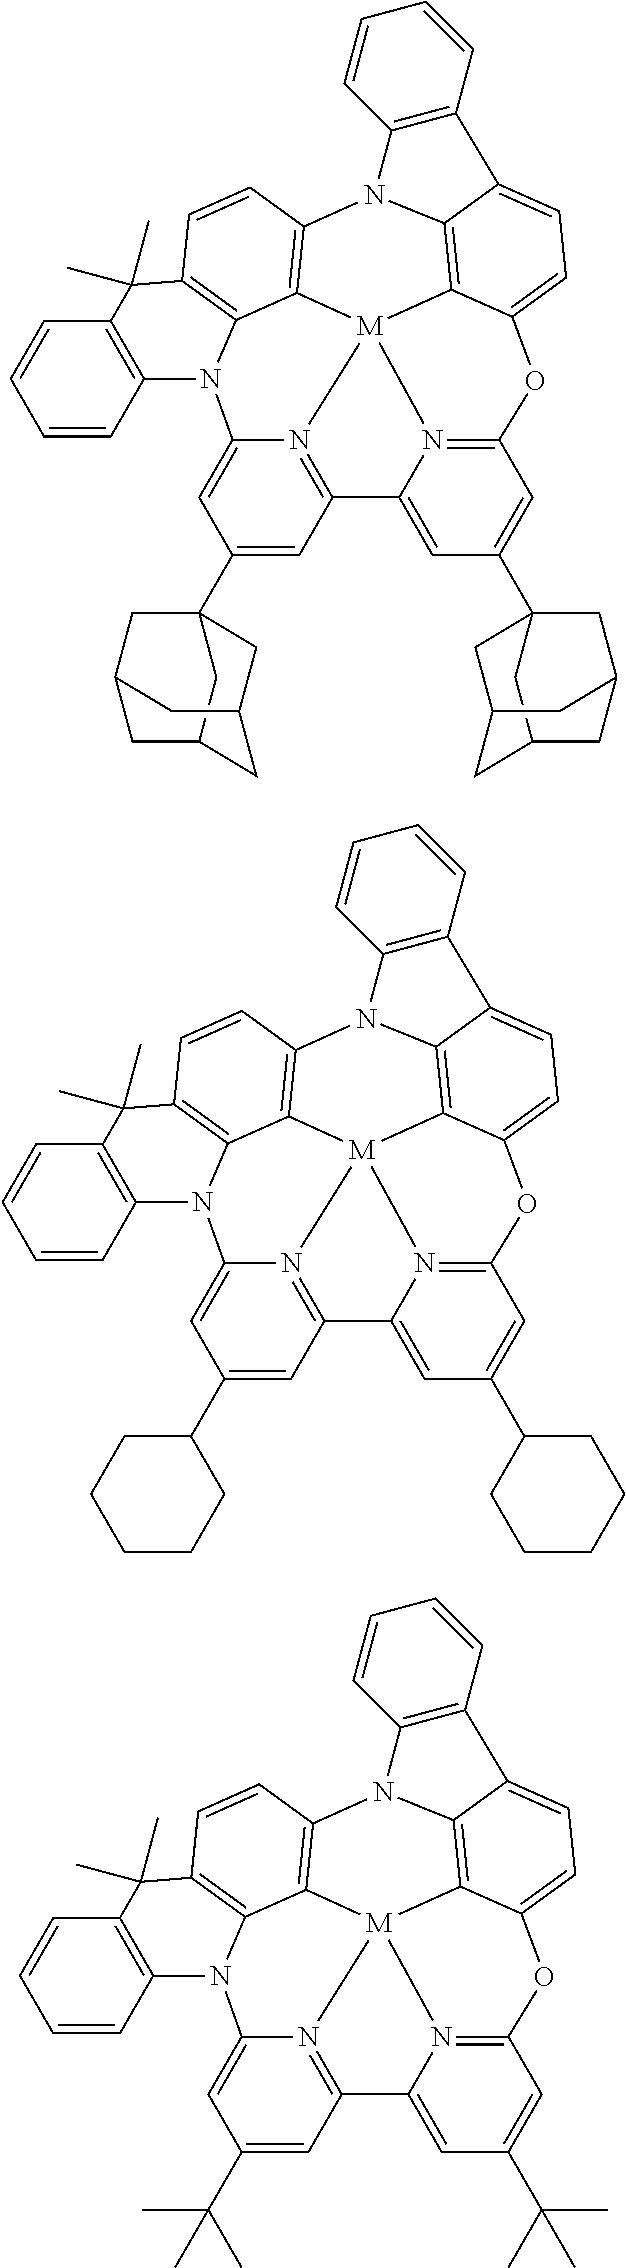 Figure US10158091-20181218-C00163